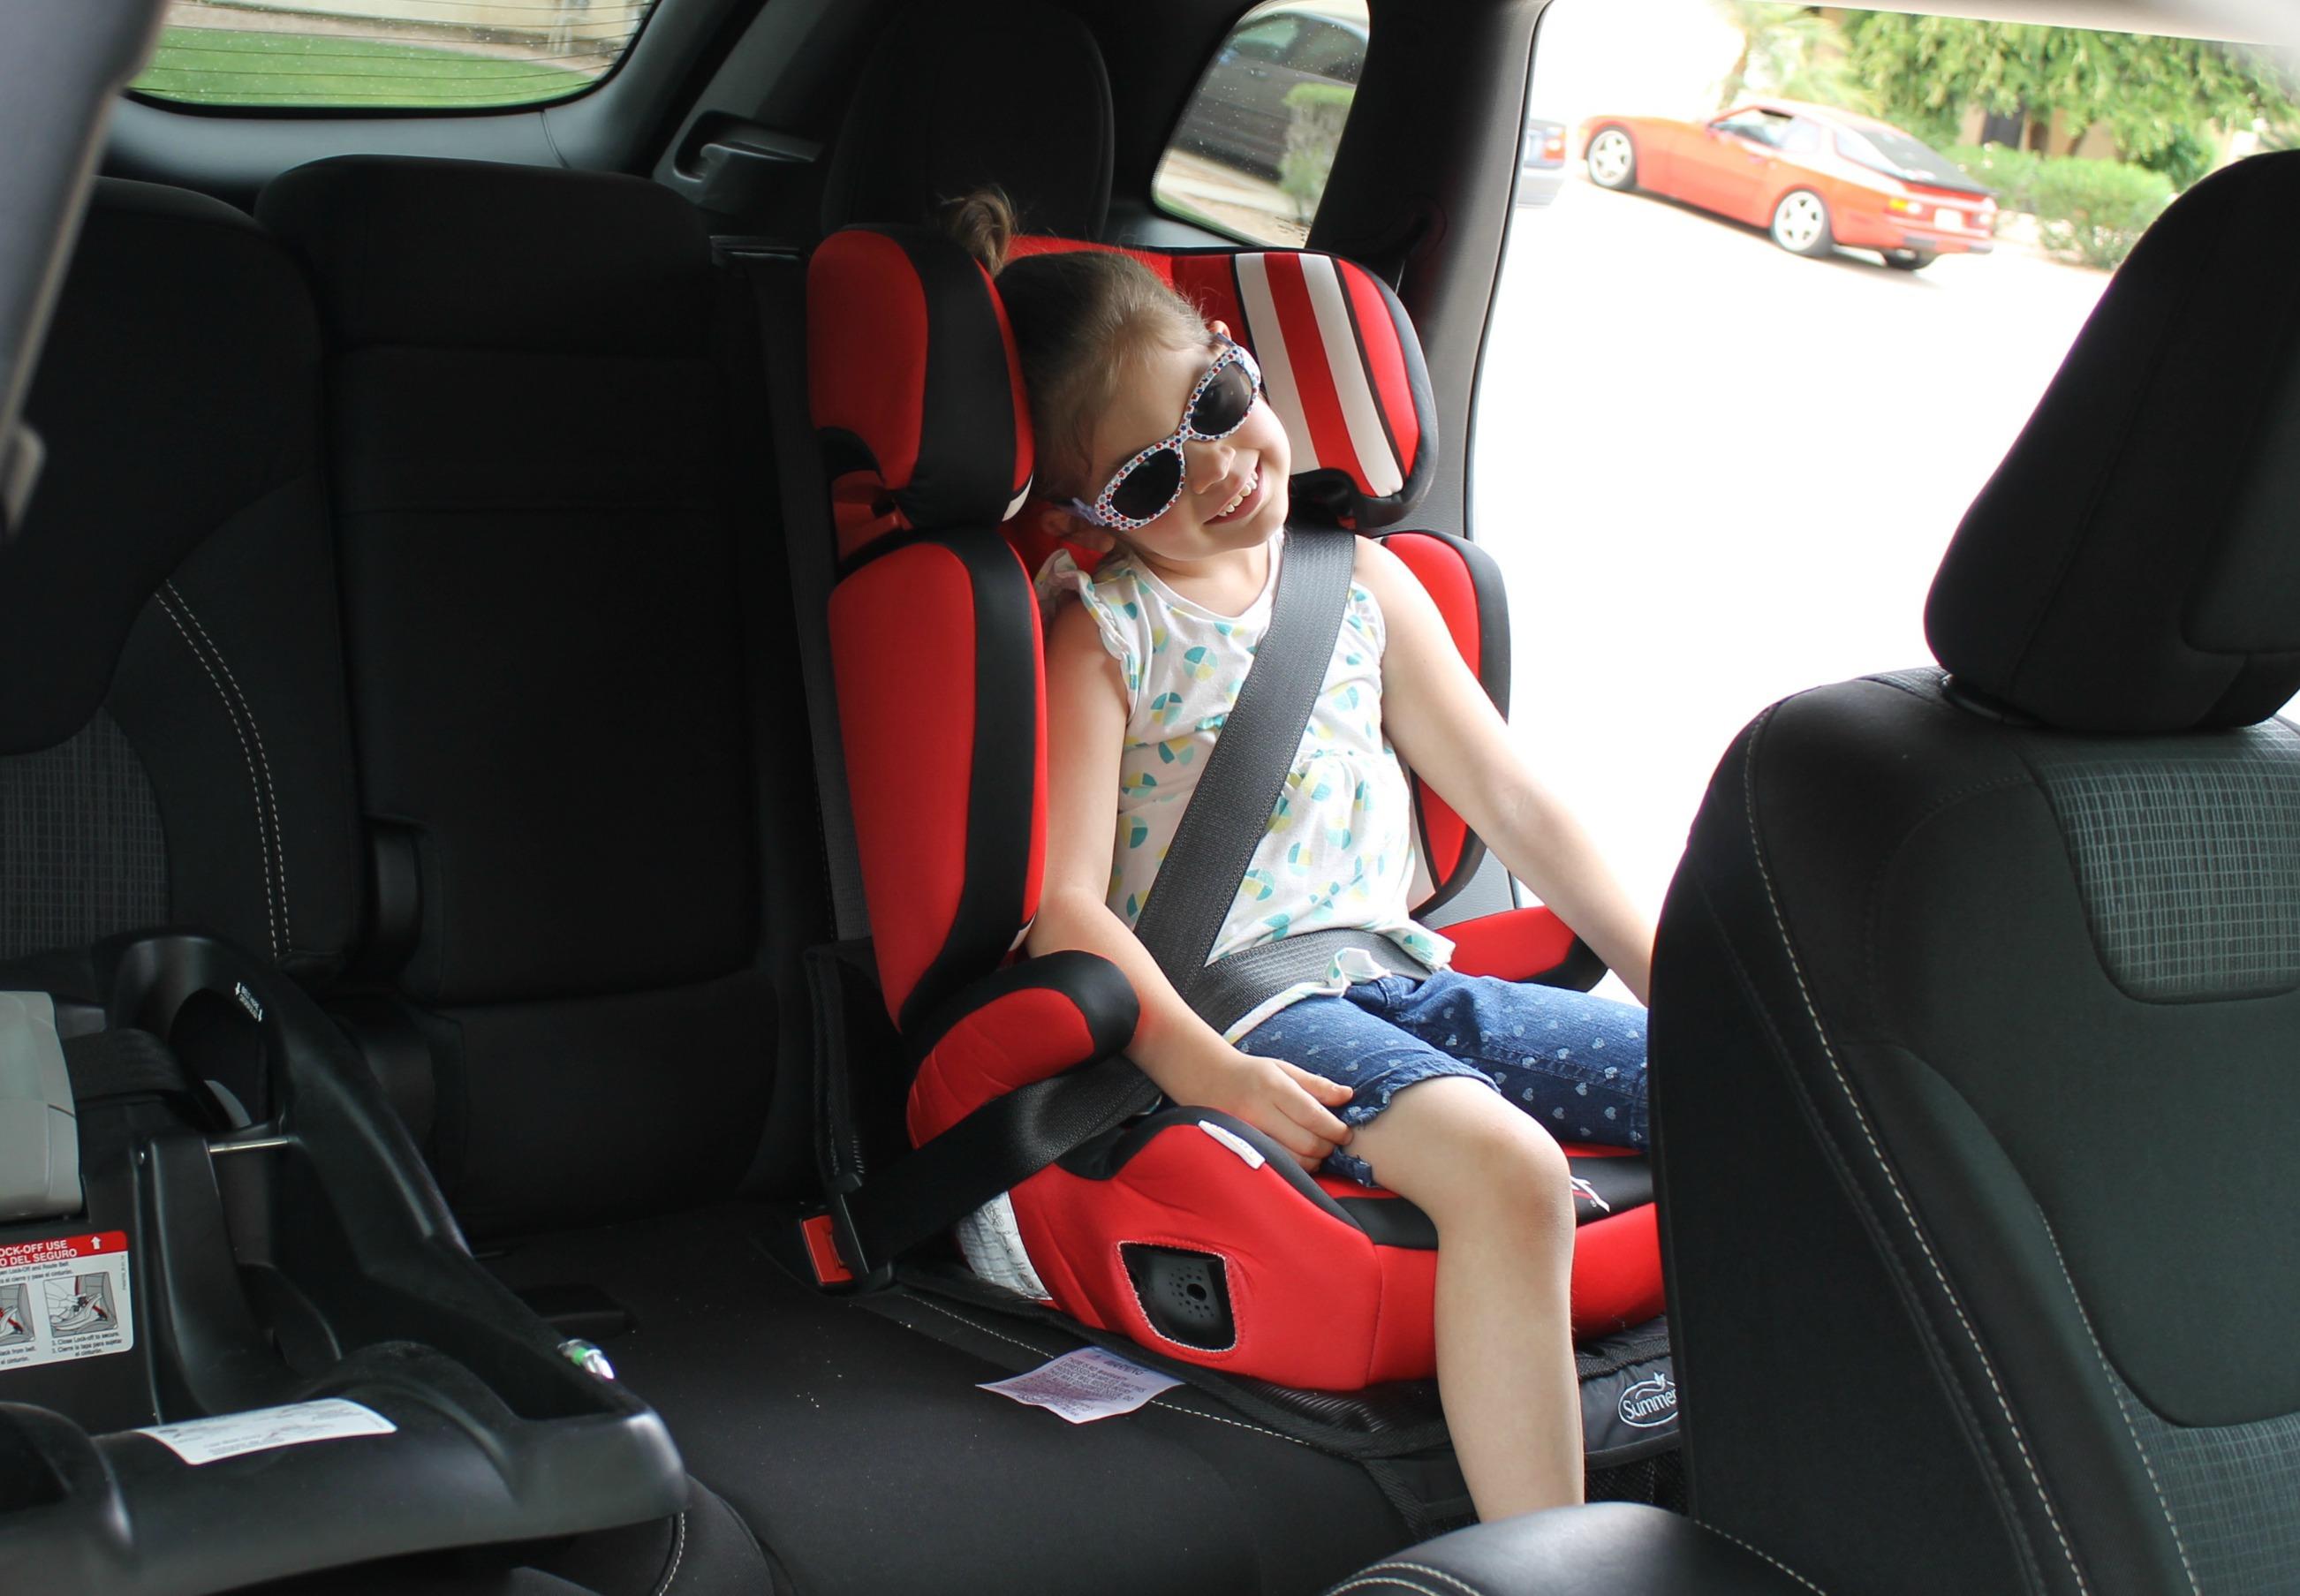 Lil Fan Sports Gear for Kids